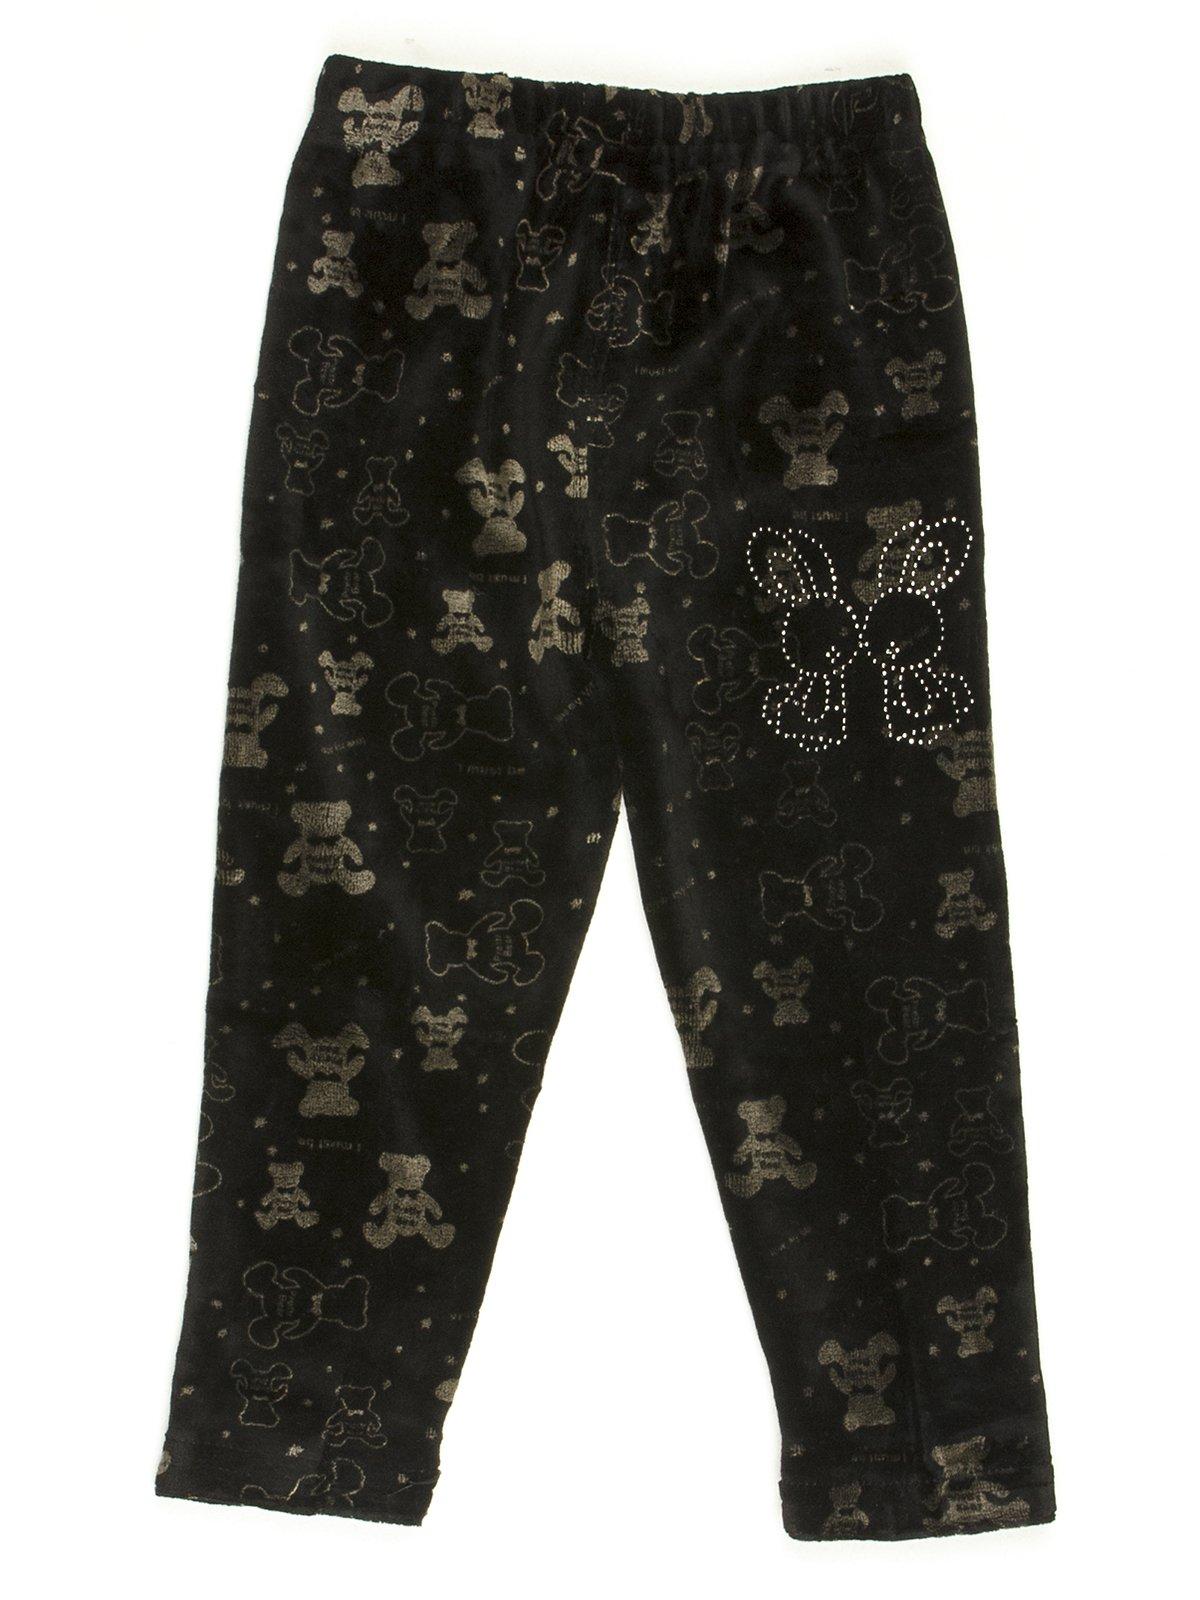 Леггинсы черные велюровые в рисунок с декором | 576735